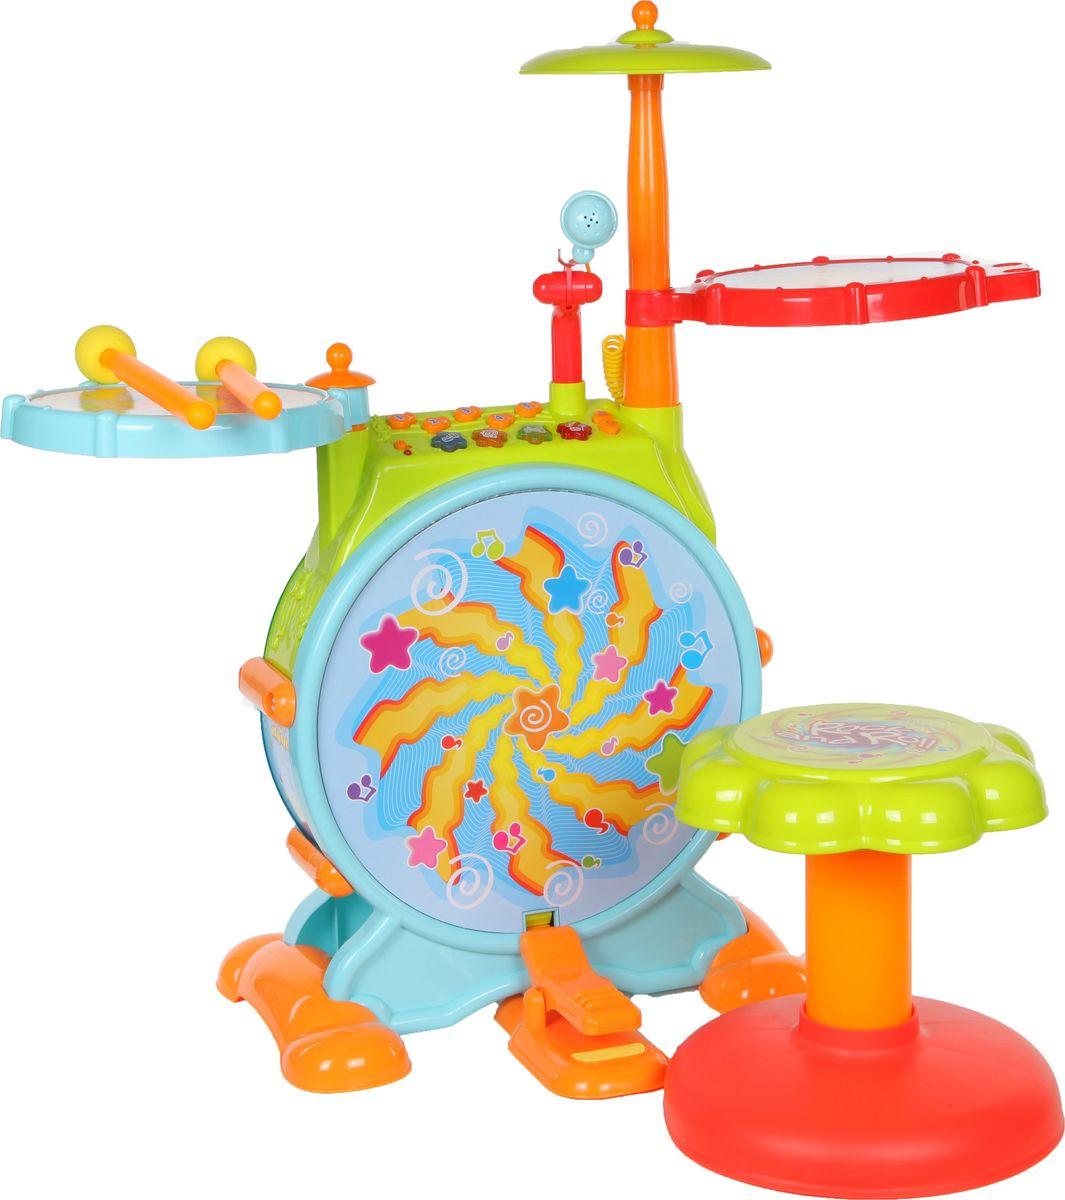 Huile Toys Музыкальный центр для малышей с барабанной установкой Y61142 - Музыкальные инструменты